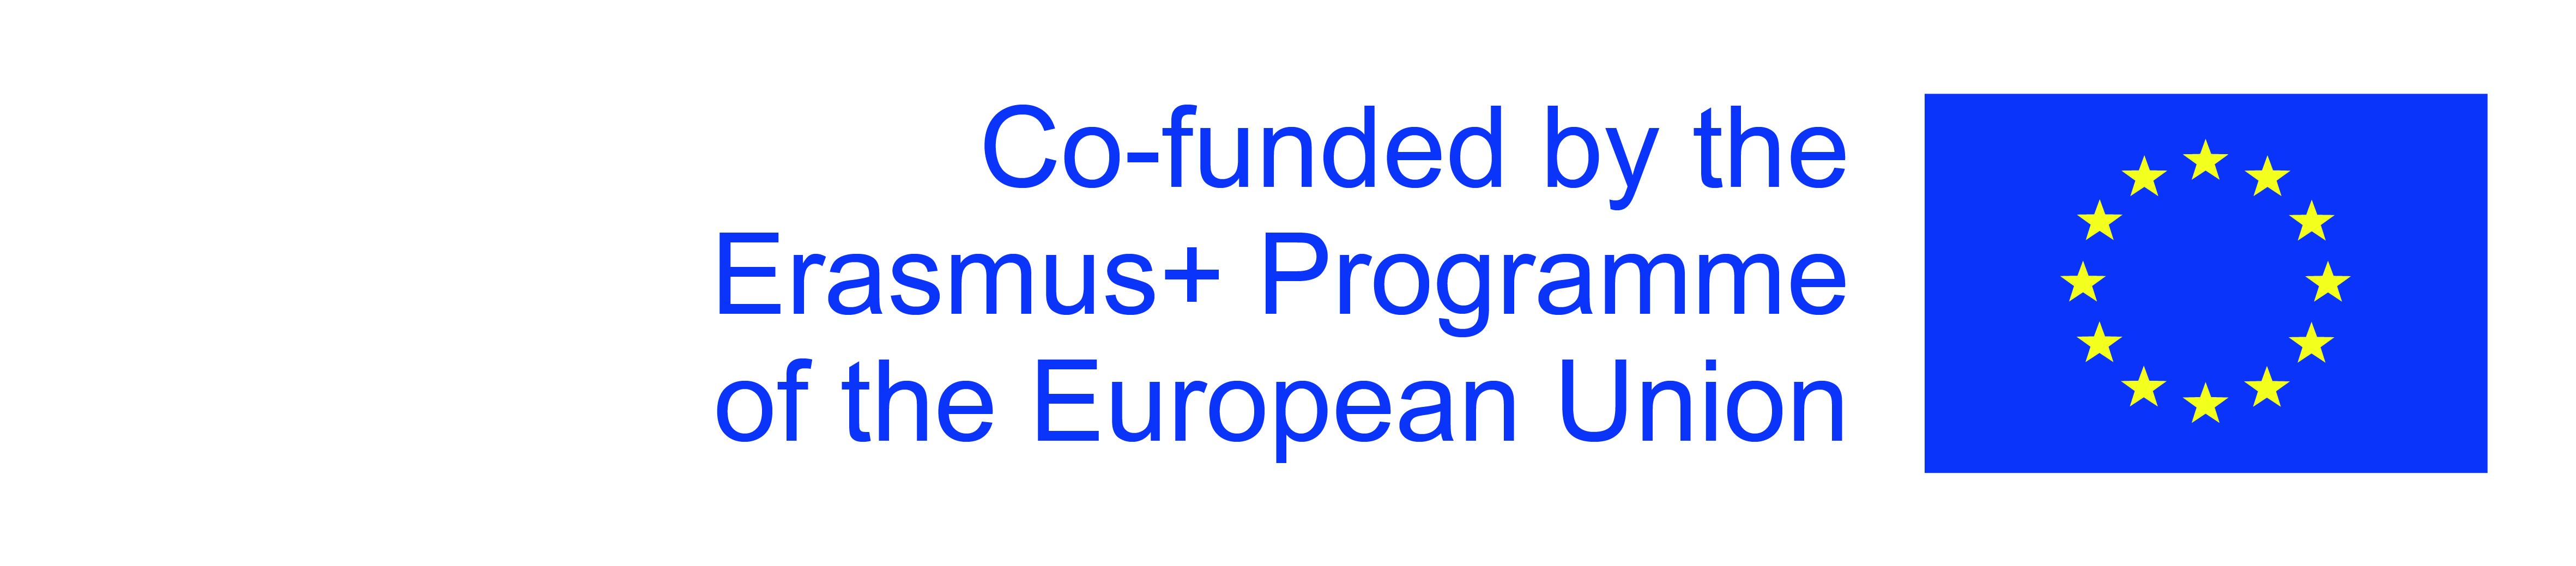 ERASMUS+ cofunded